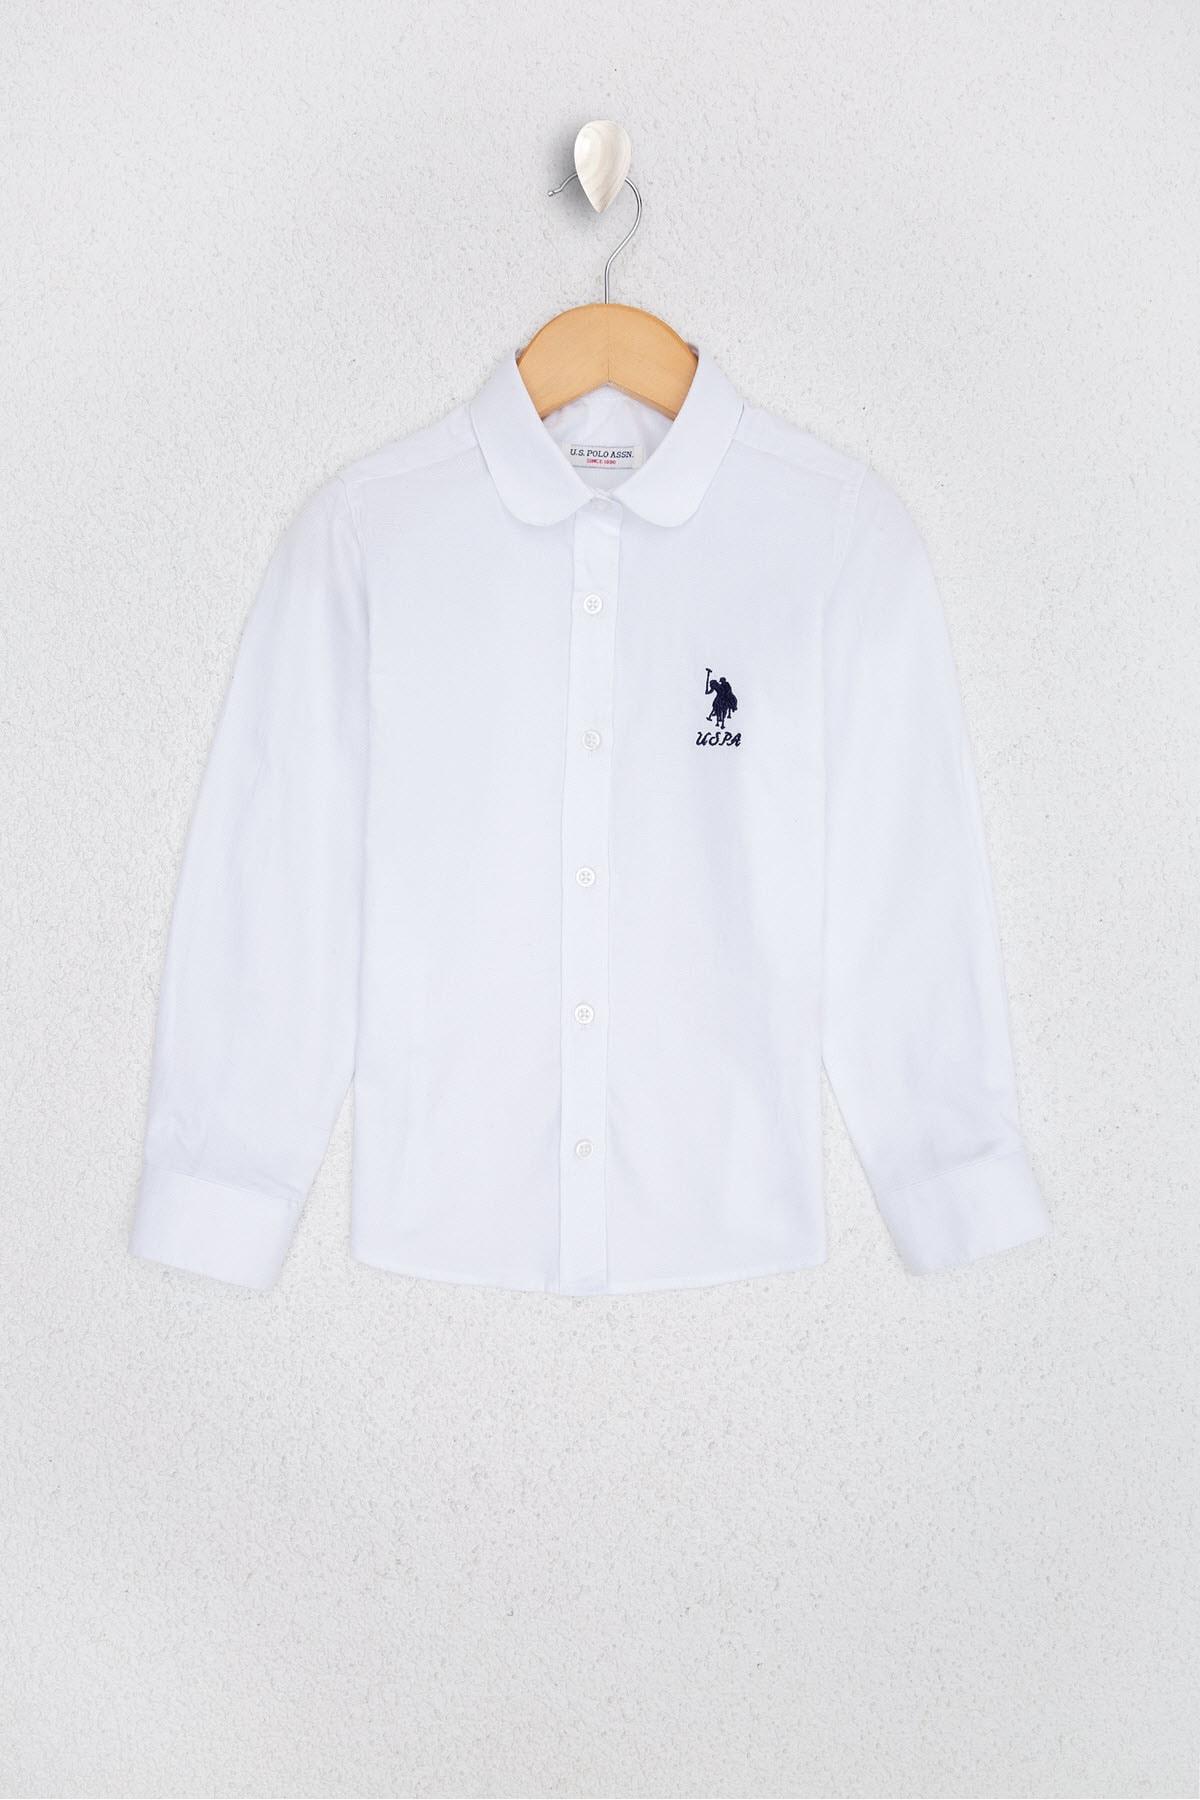 U.S. Polo Assn. Beyaz Kız Çocuk Dokuma Gömlek 1